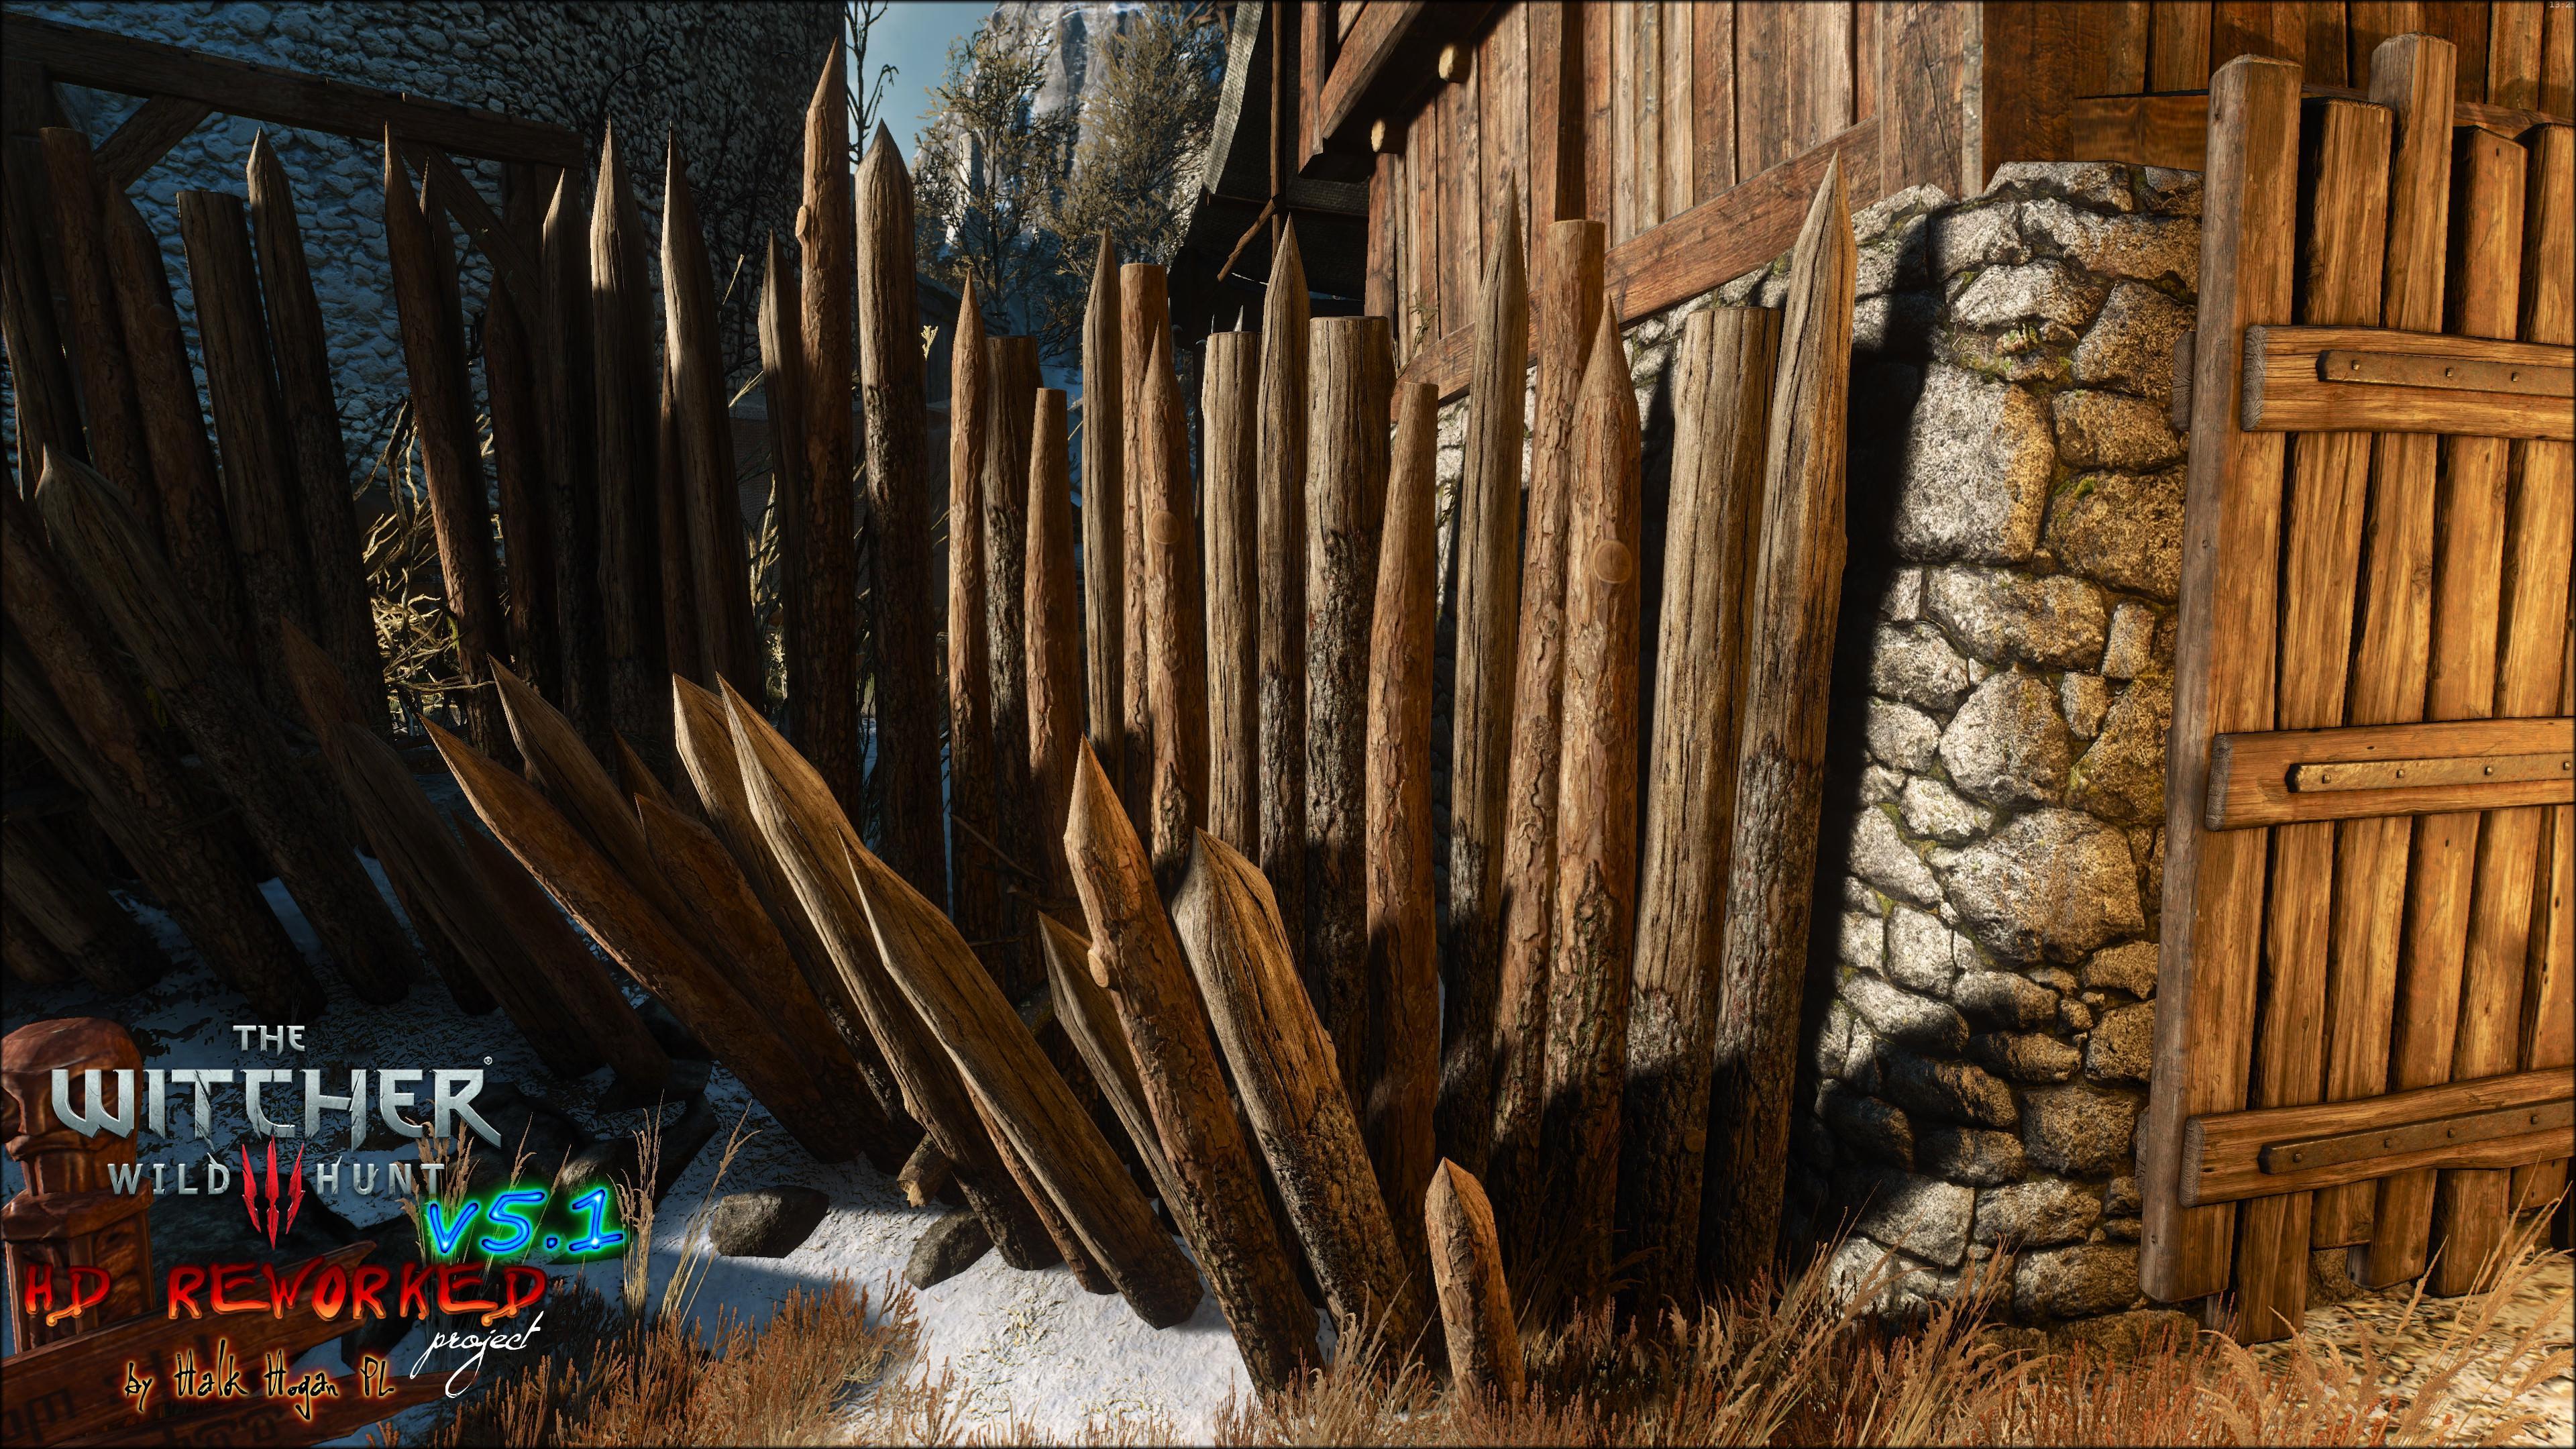 《巫师3》高清MOD截图公开 纹理更新游戏焕然一新